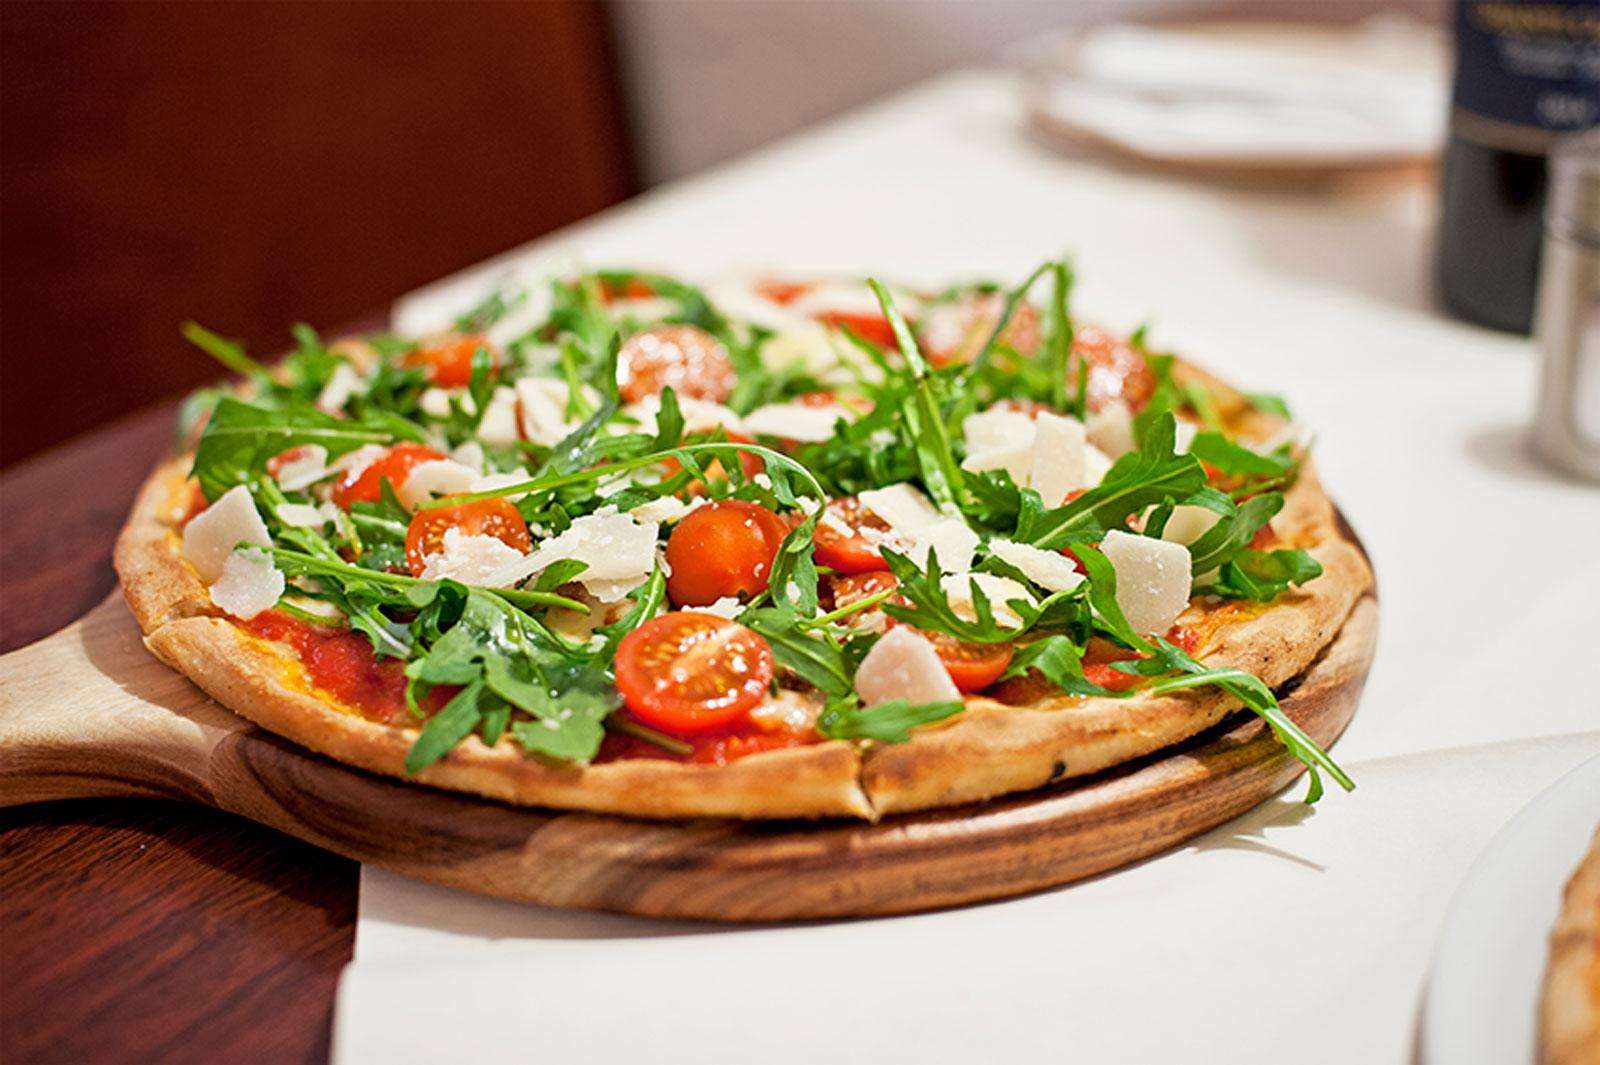 pizzeria ristorante amalfi 1 von kneipenmeilen und pizza g ttern kr one. Black Bedroom Furniture Sets. Home Design Ideas